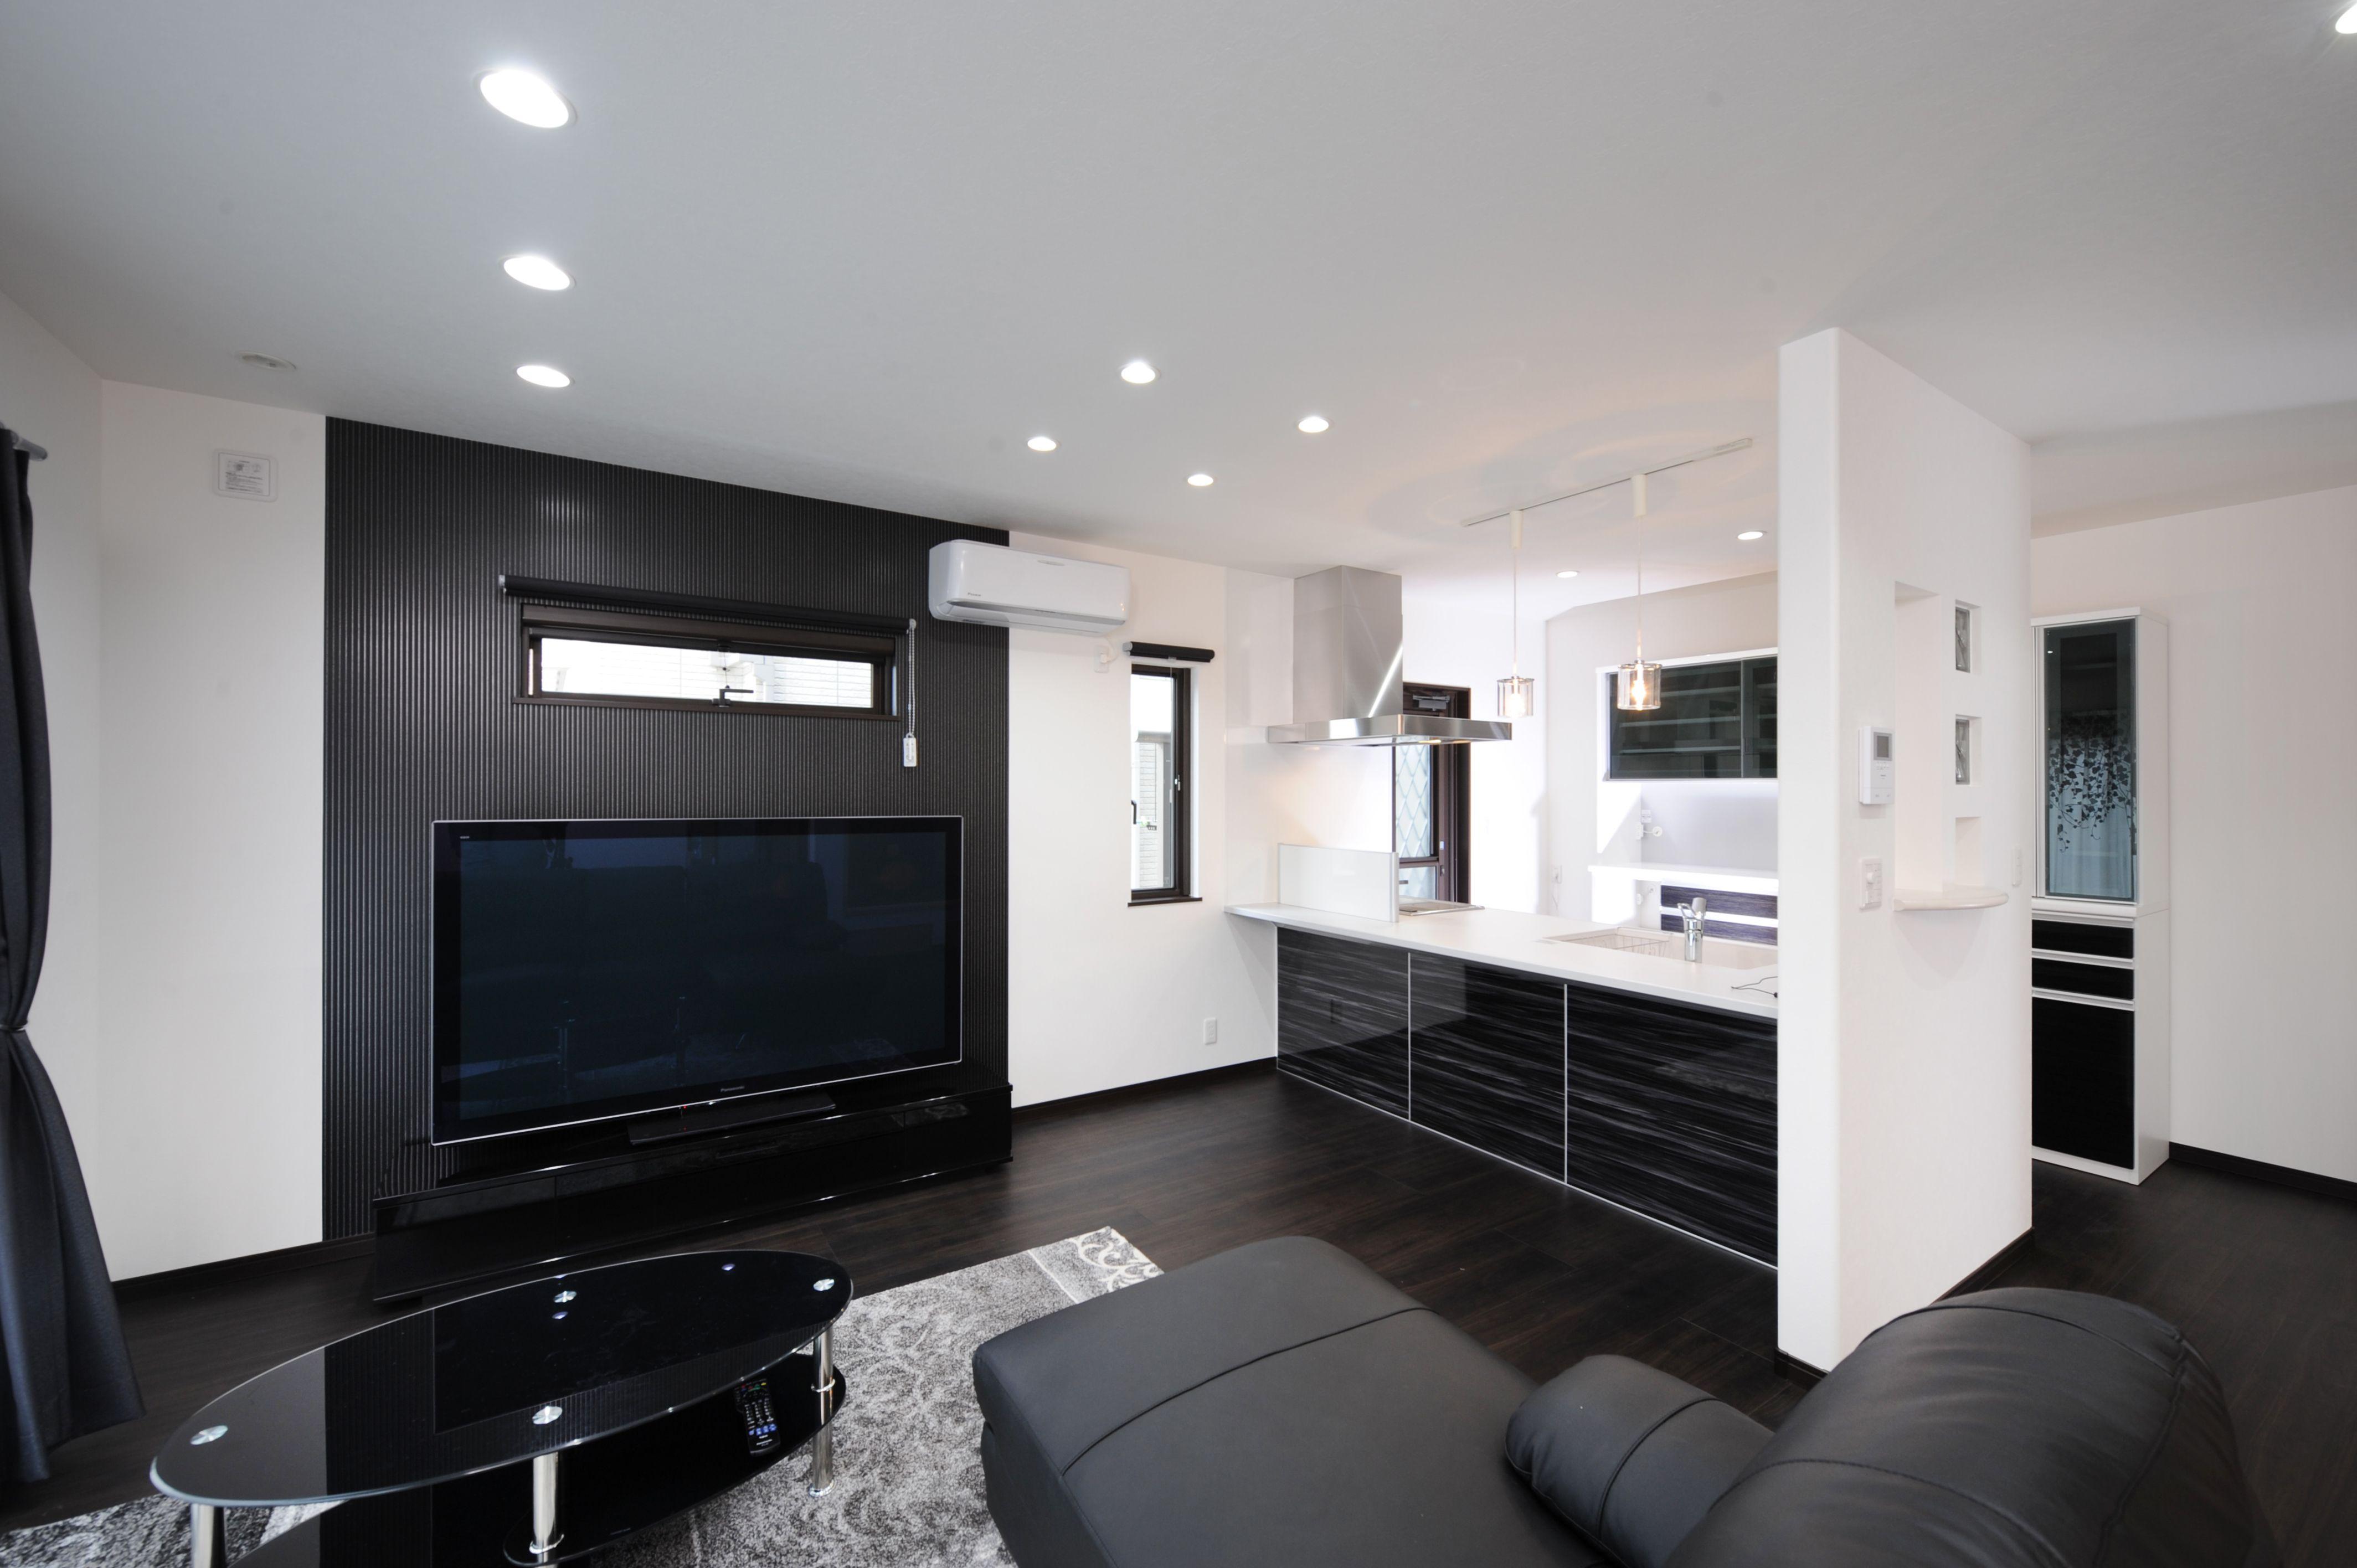 モノクロでモダンな雰囲気なお部屋に 家具やキッチンの光沢でさらにスタイリッシュに演出 スタイリッシュモダンインテリア インテリア モノクロ インテリア おしゃれ リビング